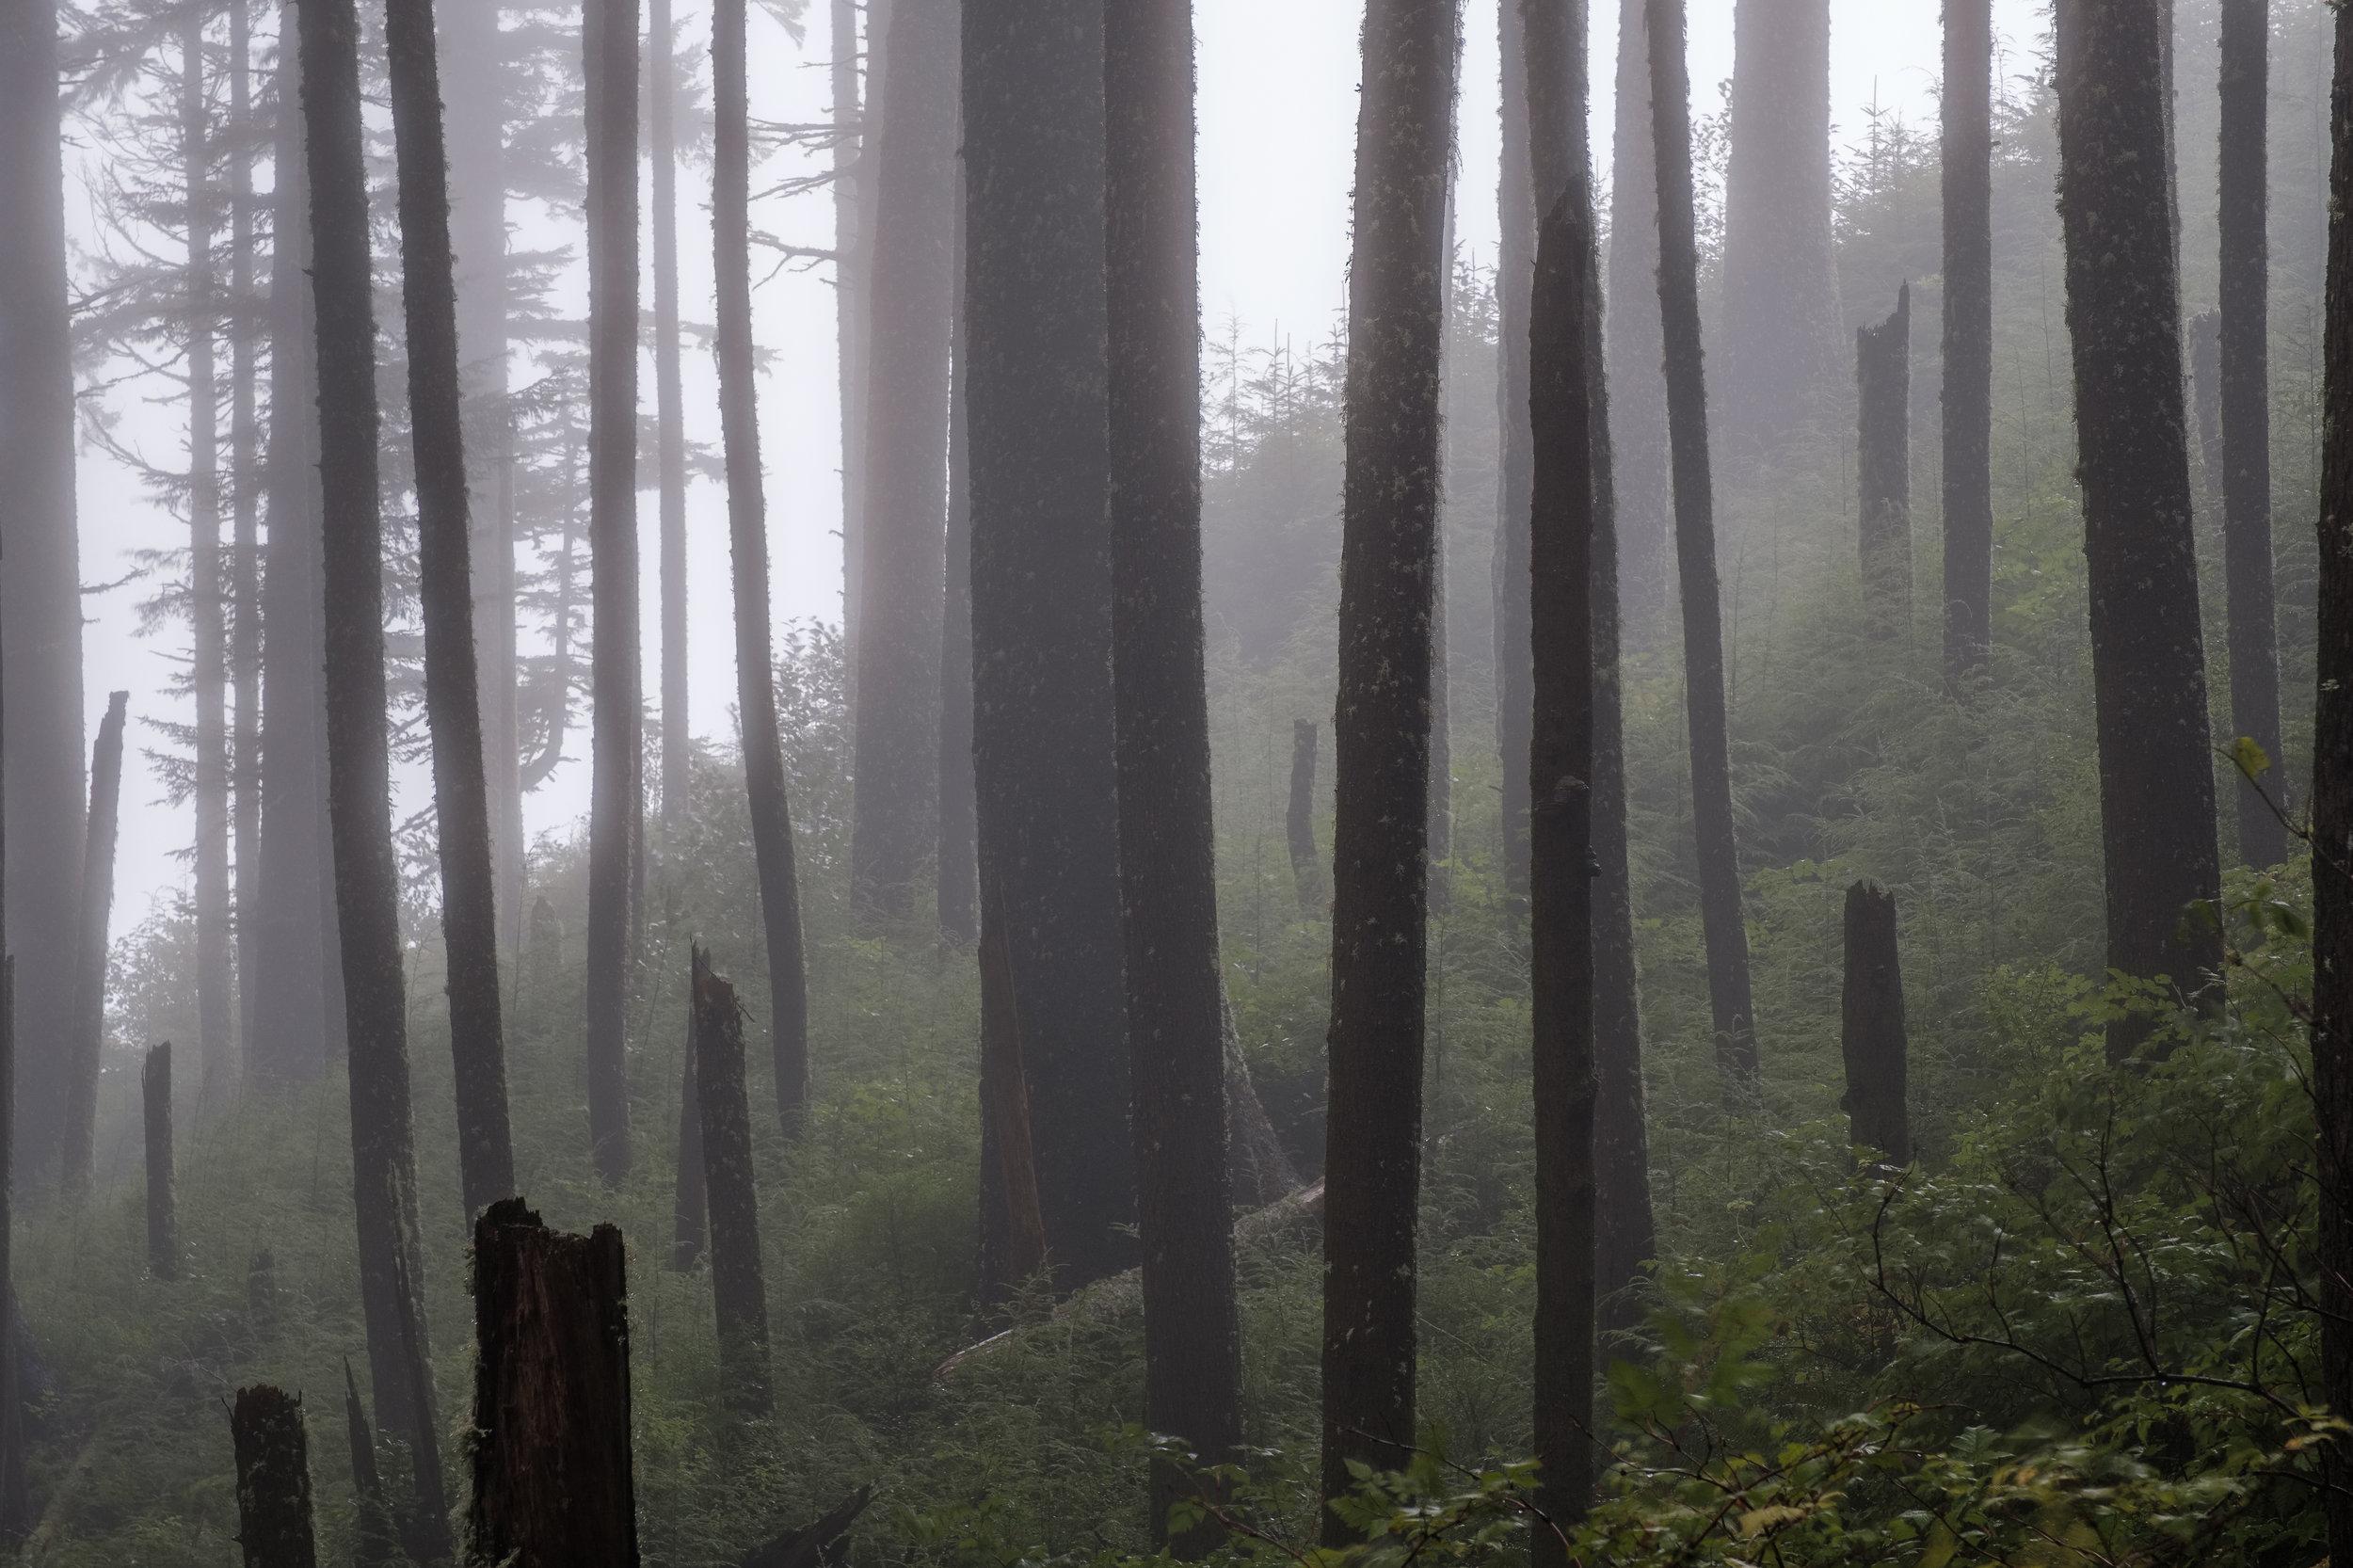 somber forest in fog